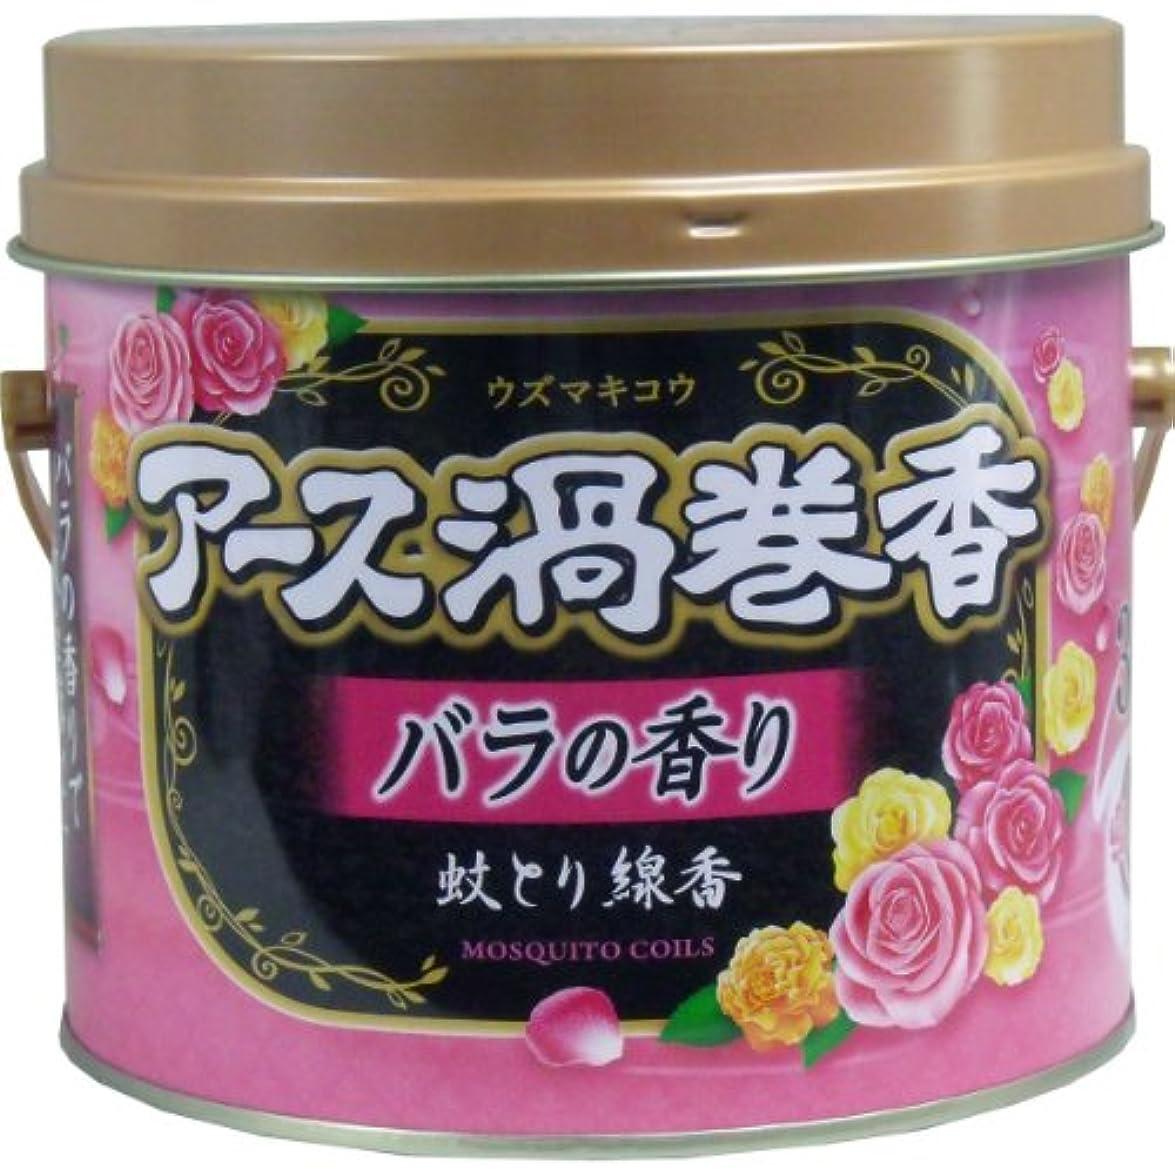 ペチュランス前提条件自治アース渦巻香 蚊とり線香 バラの香り 30巻 3個セット